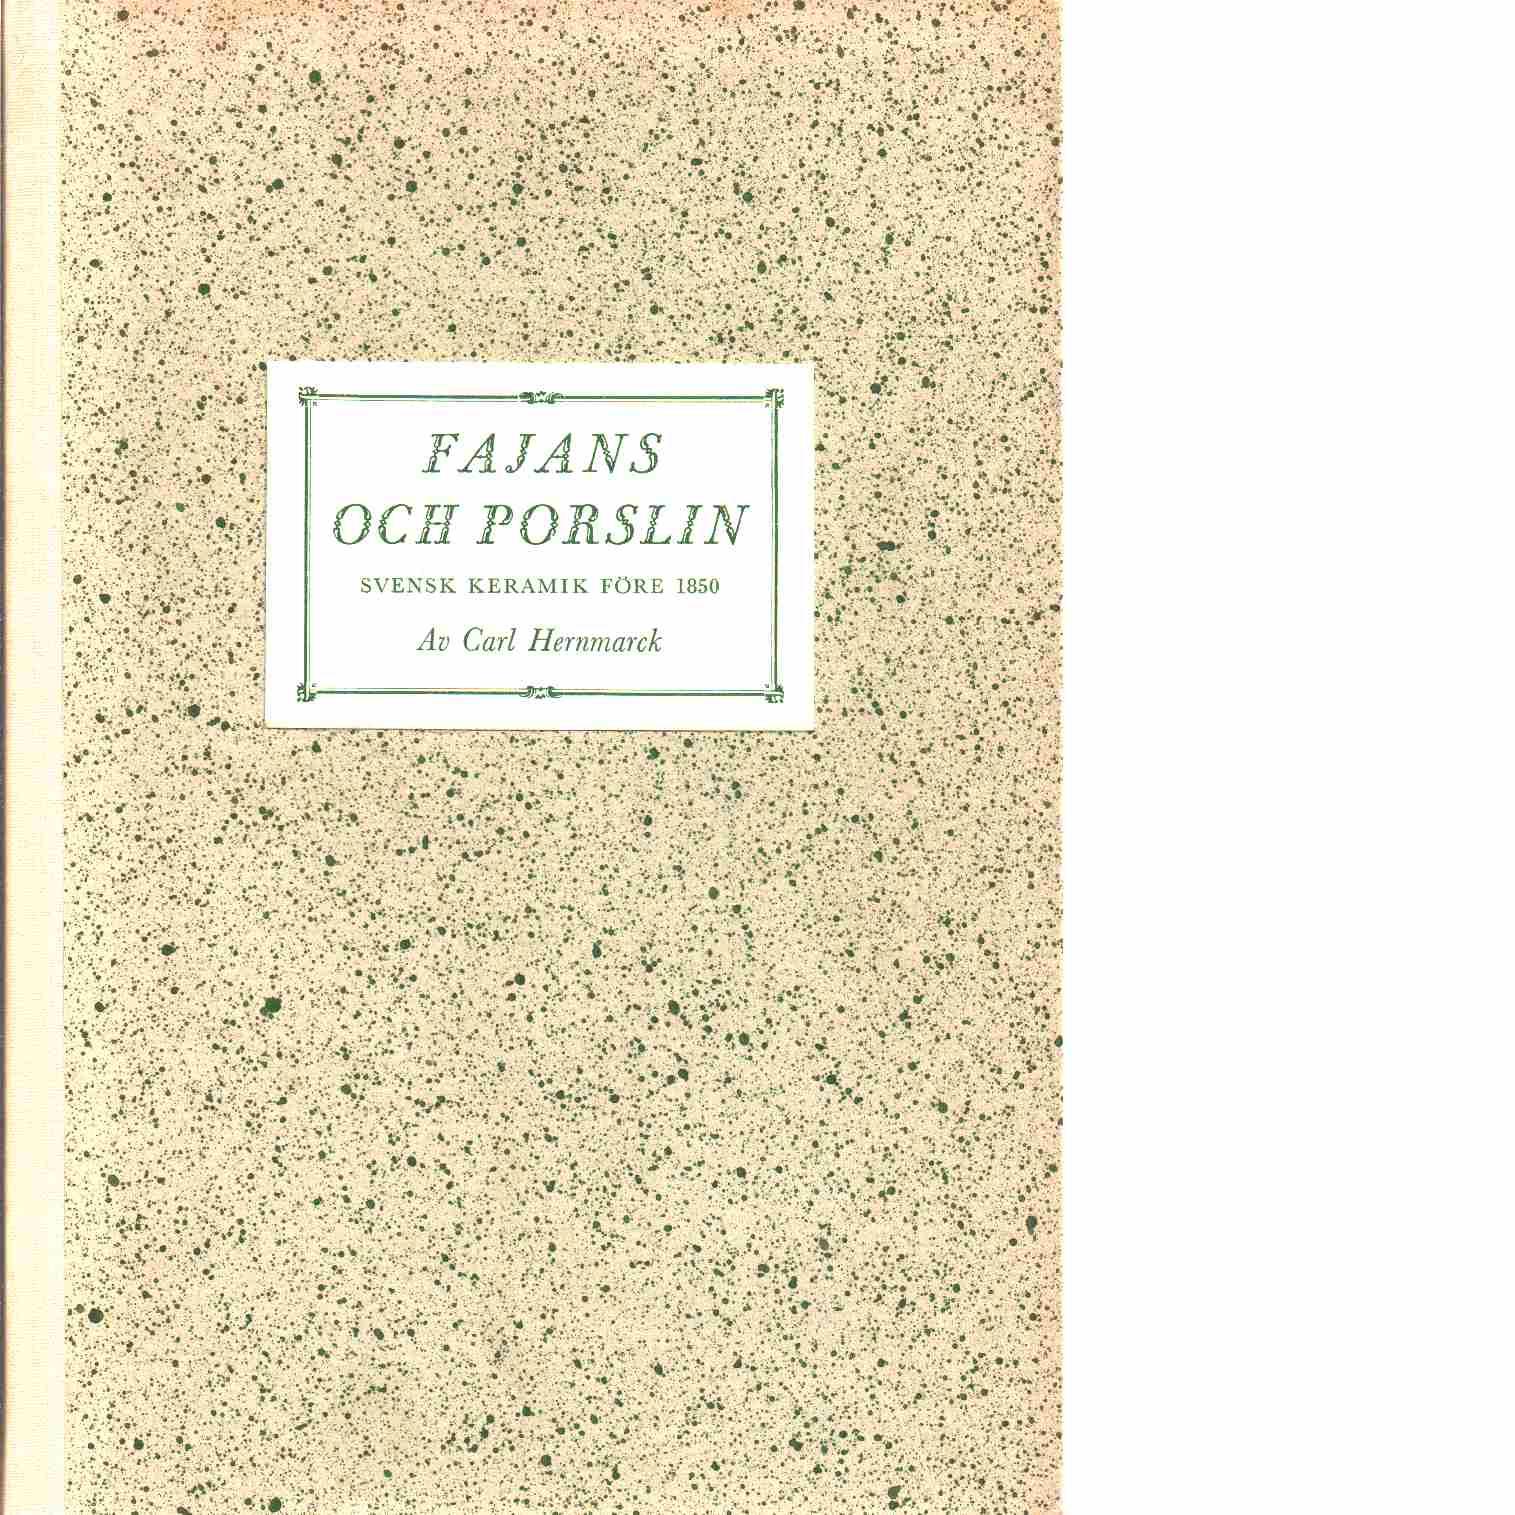 Fajans och porslin : svensk keramik före 1850 - Hernmarck, Carl